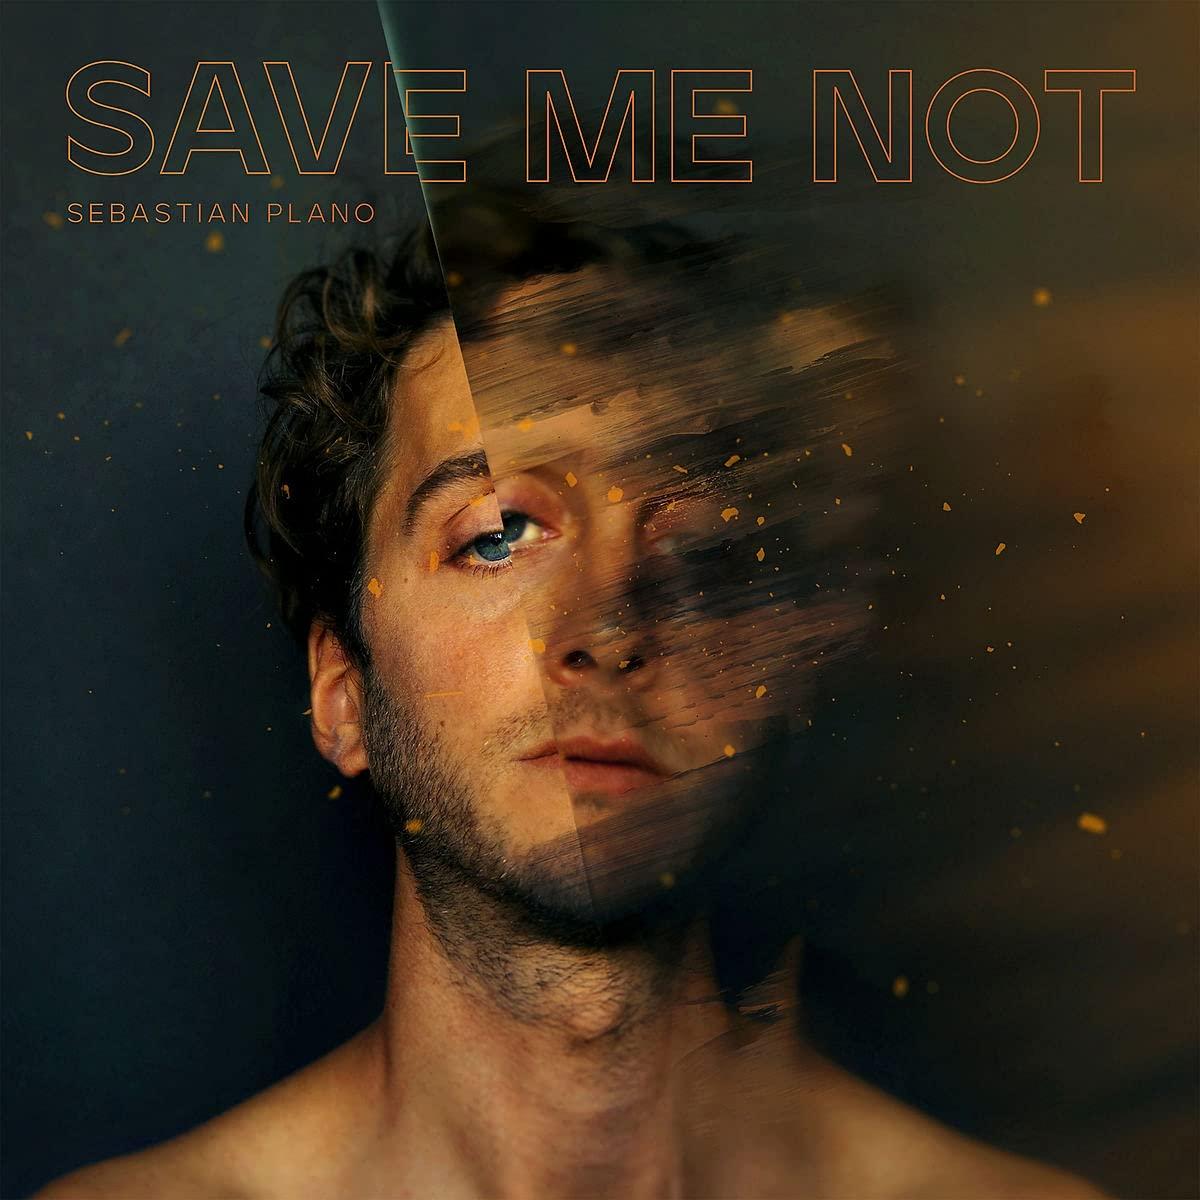 Save Me Not - Sebastian Plano